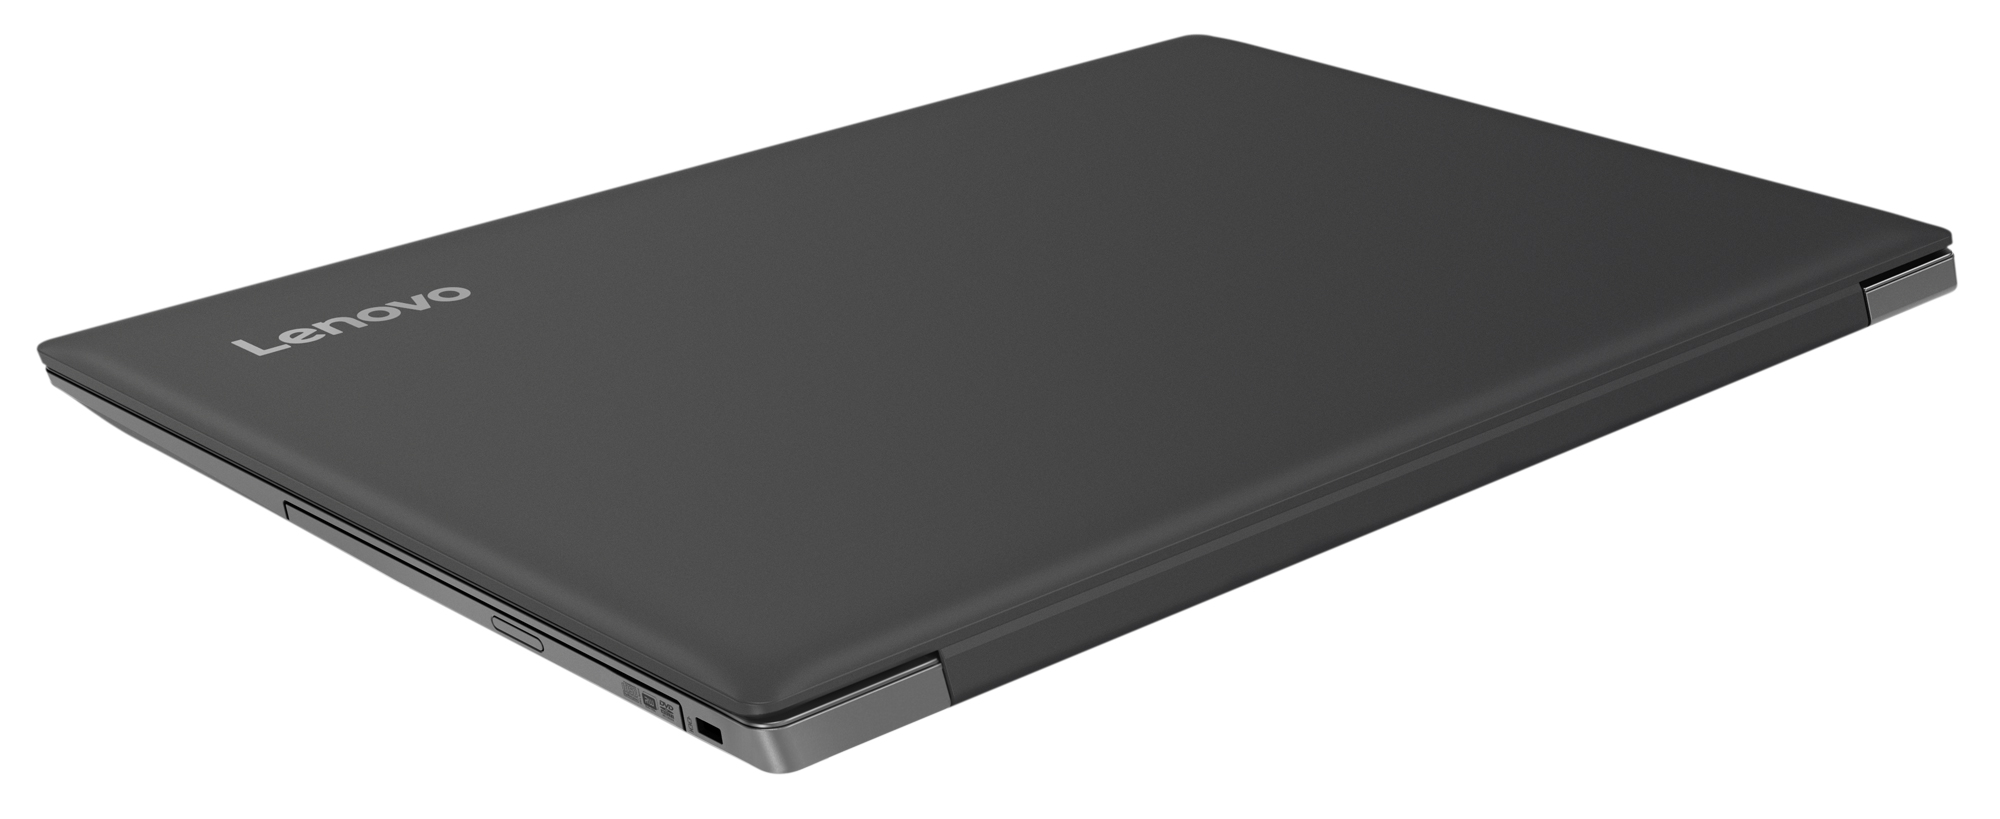 Фото  Ноутбук Lenovo ideapad 330-15 Onyx Black (81DE02KKRA)